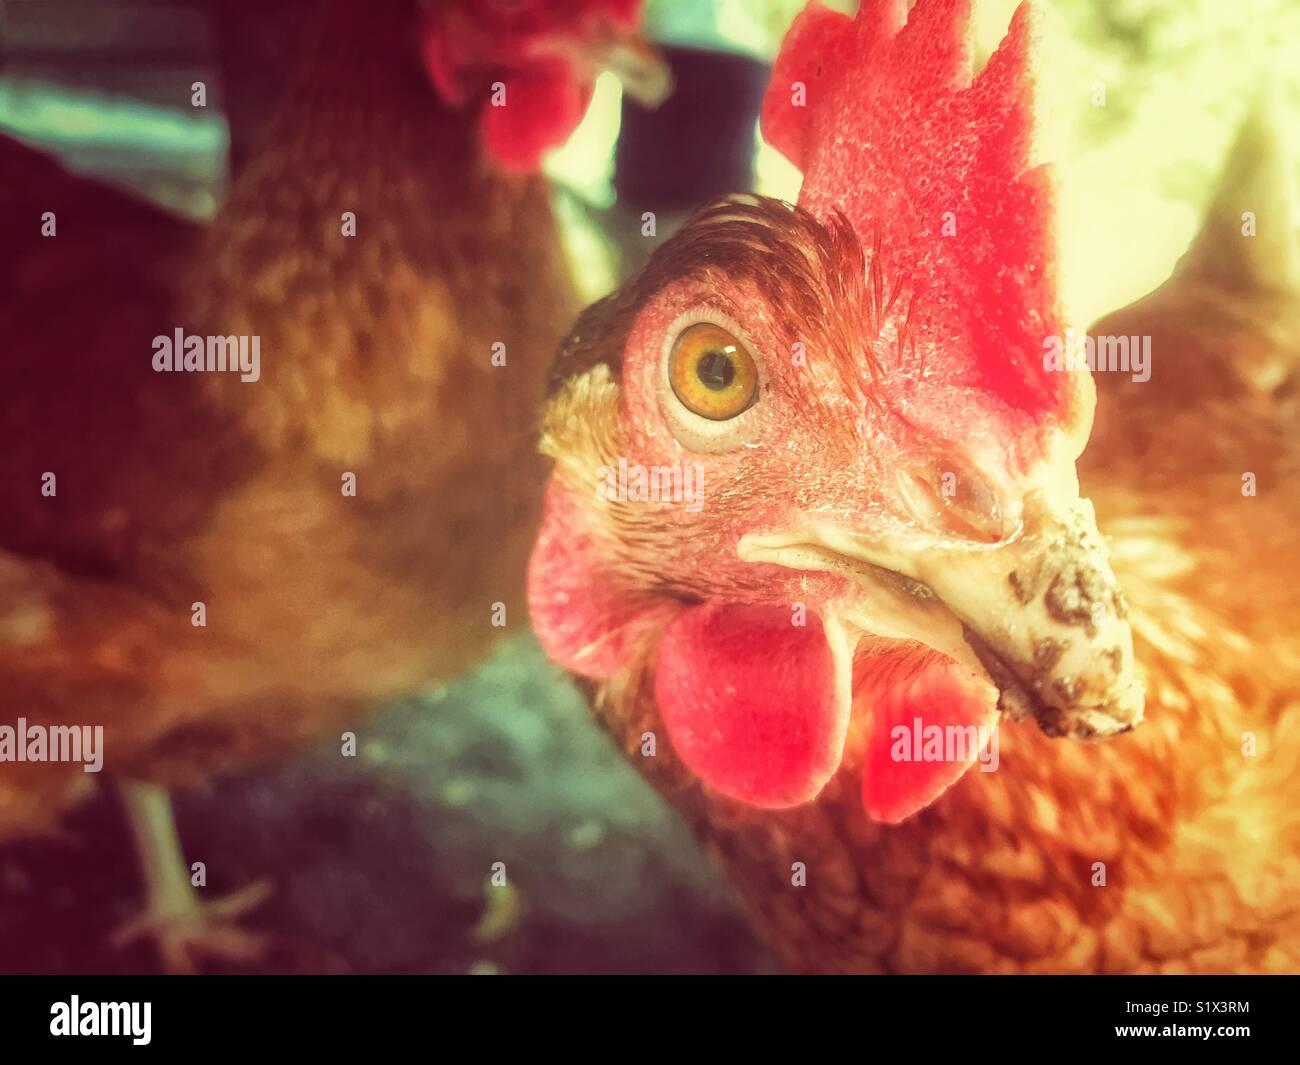 Rhode Island Red chicken libre avec des poules et chaude lumière en arrière-plan Banque D'Images